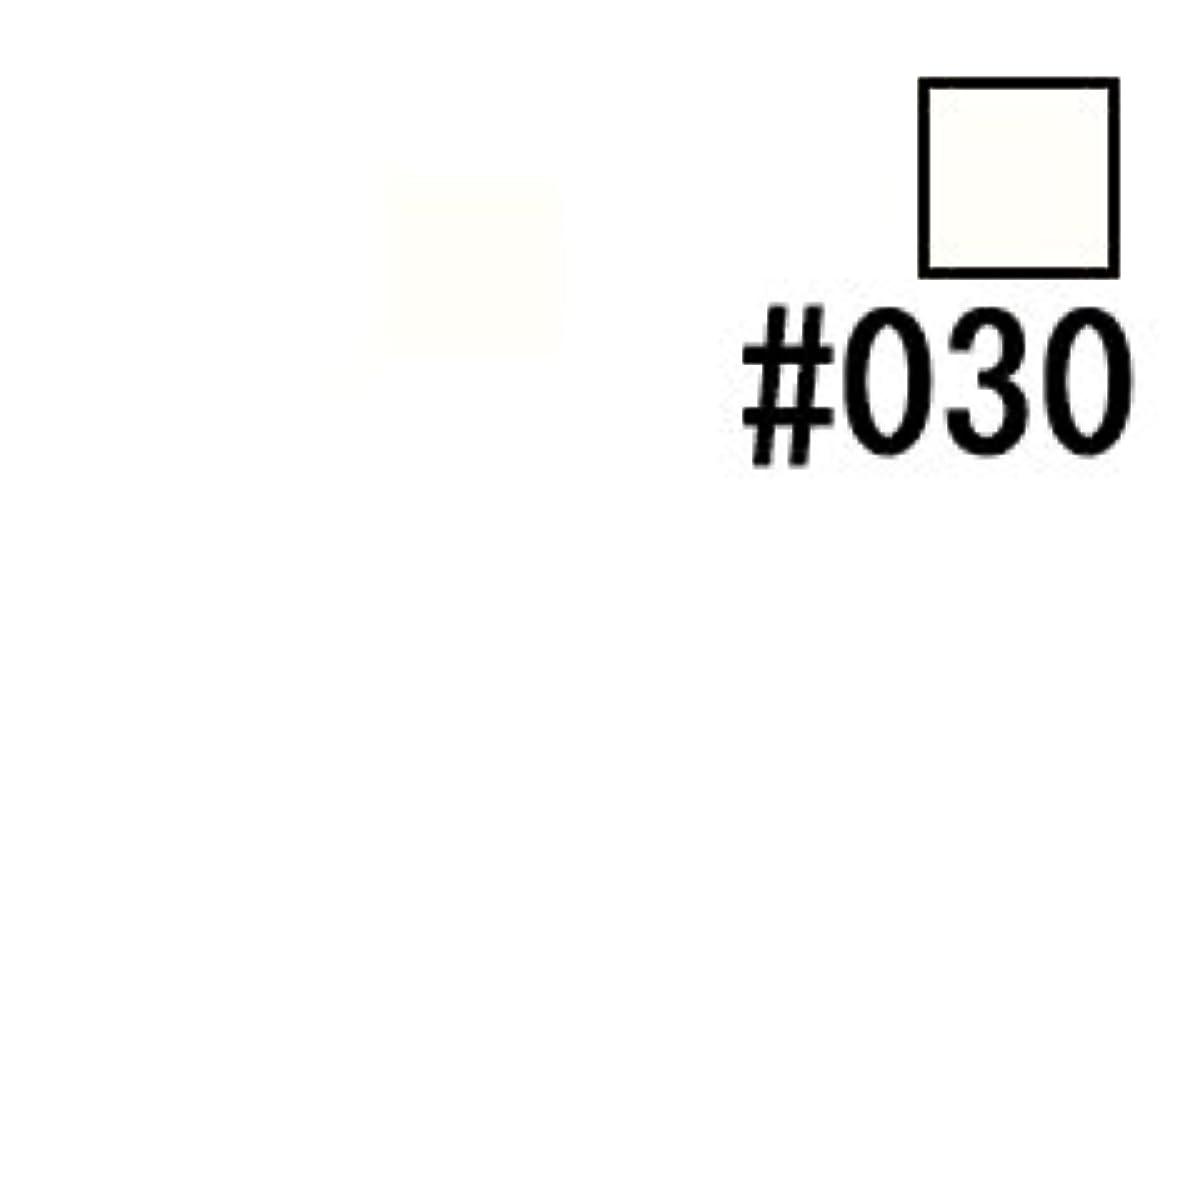 衣服等々決めます【レブロン】パヒューマリー センティド ネイルエナメル #030 11.7ml [並行輸入品]